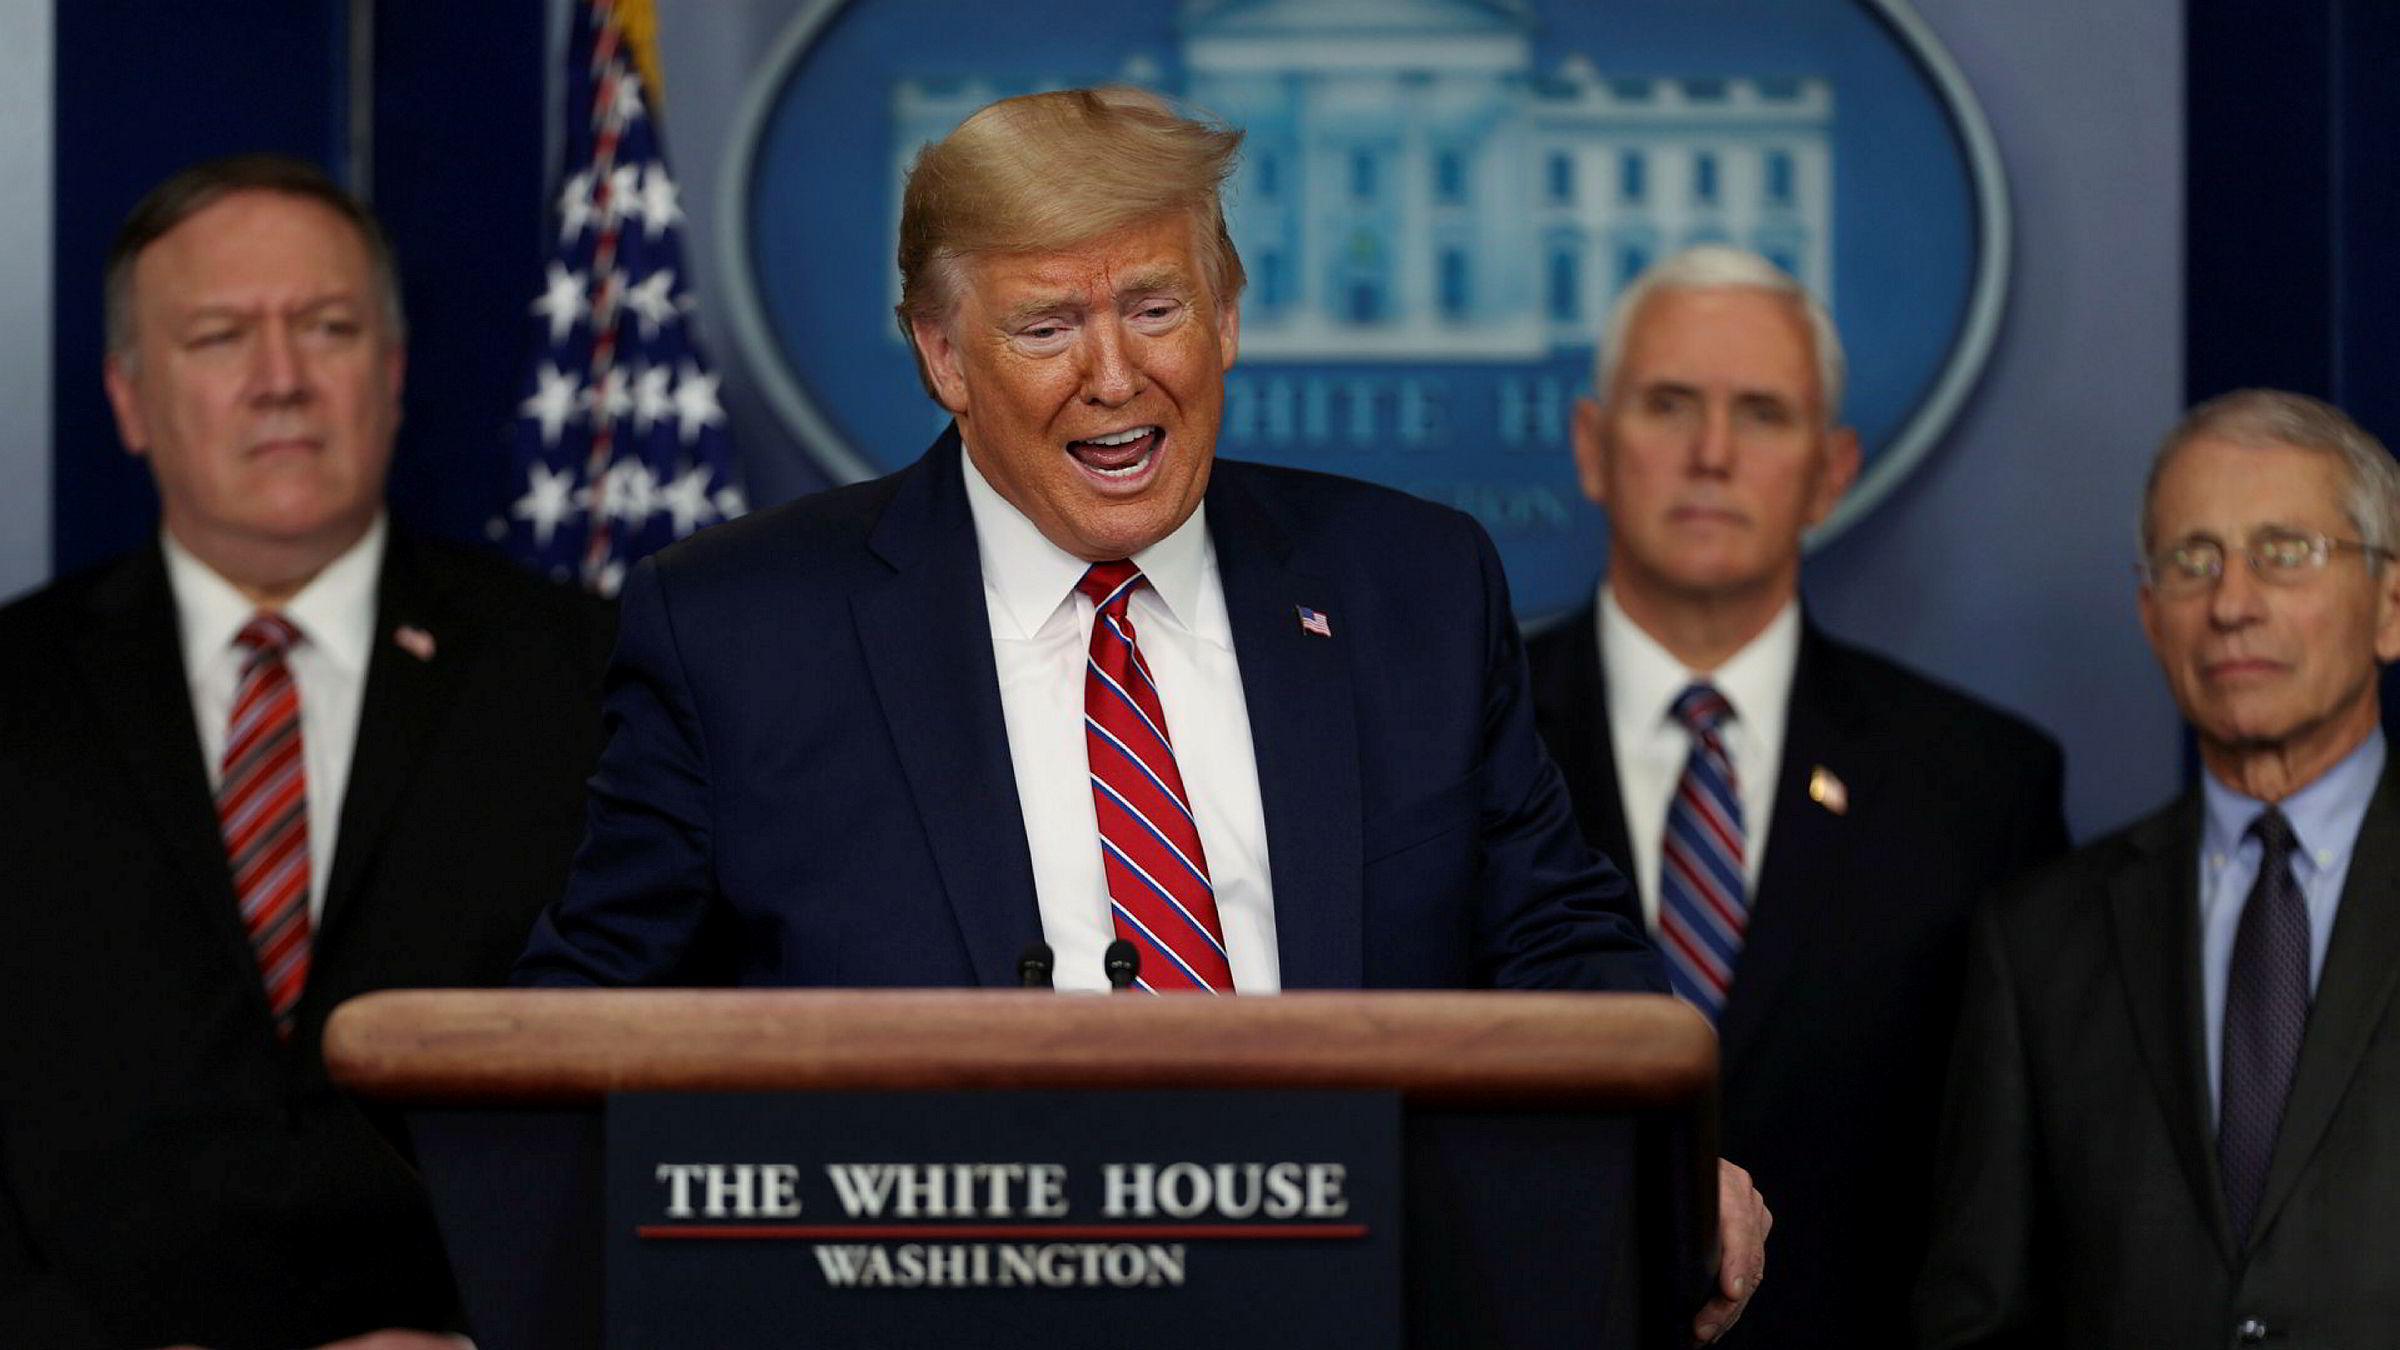 President Donald Trump skjelte ut en reporter under en pressekonferanse fredag kveld.